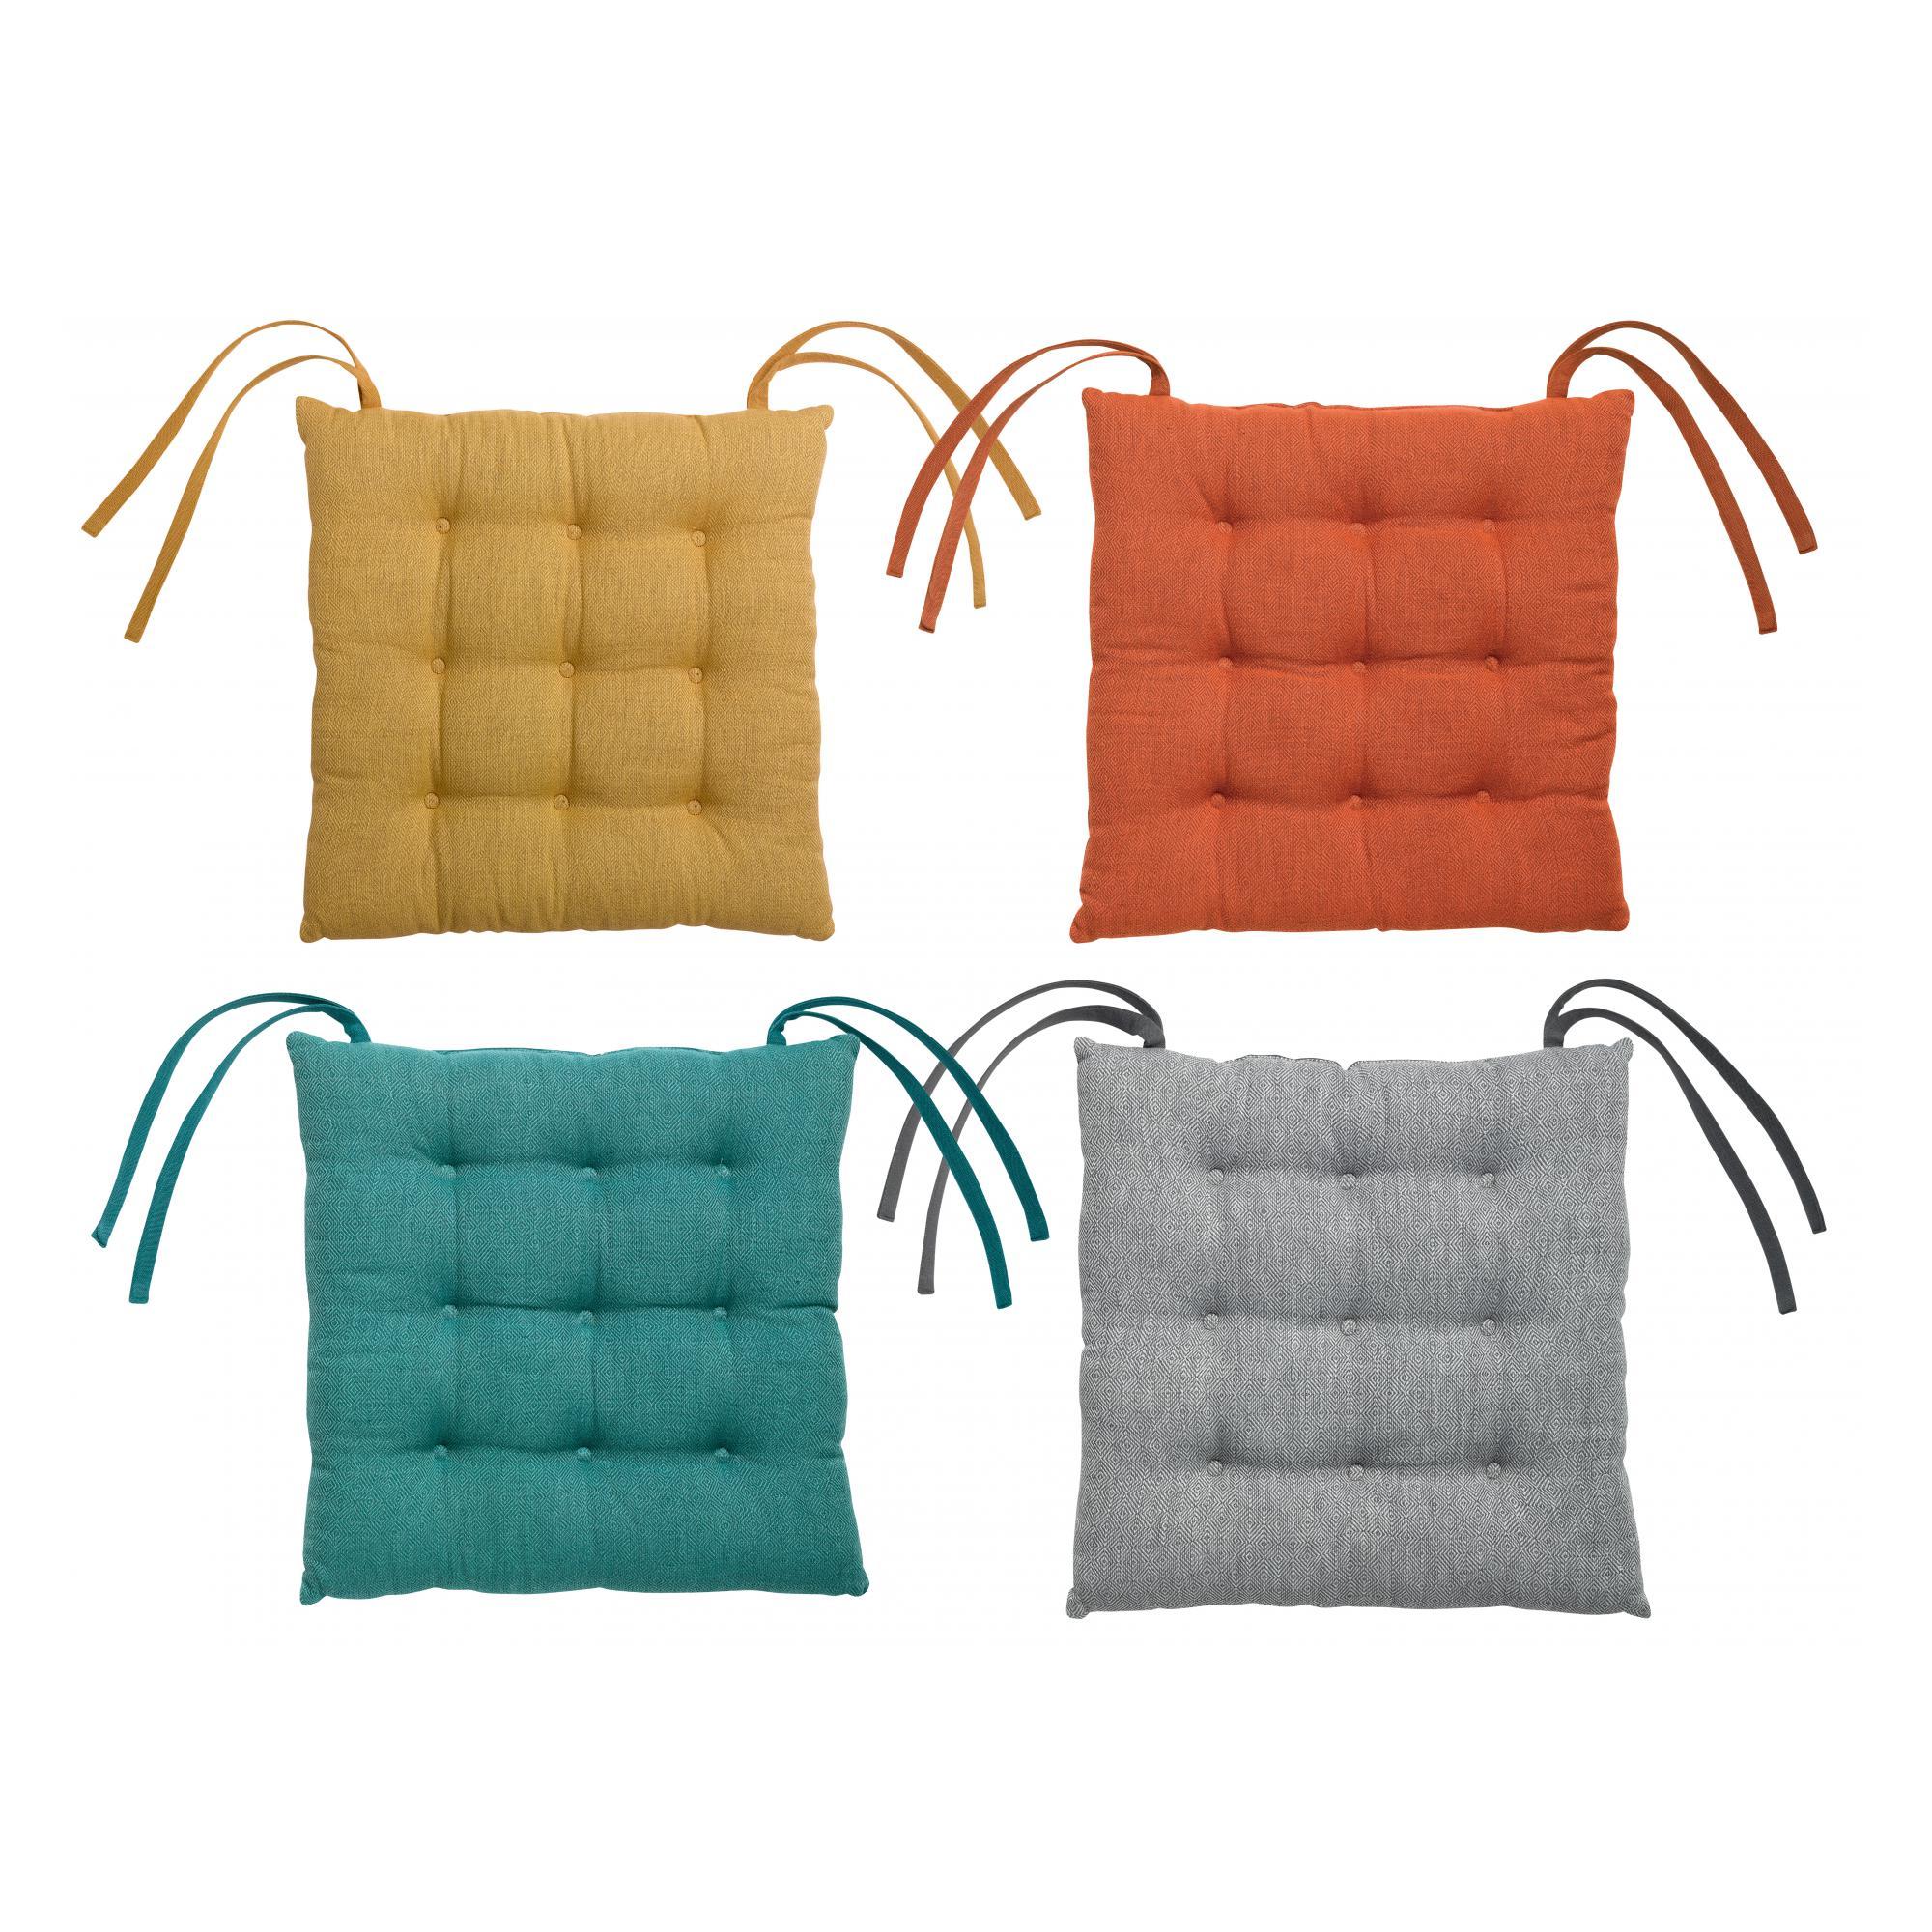 Galette de chaise piquée 9 points Maza 38 x 38 x 4 cm